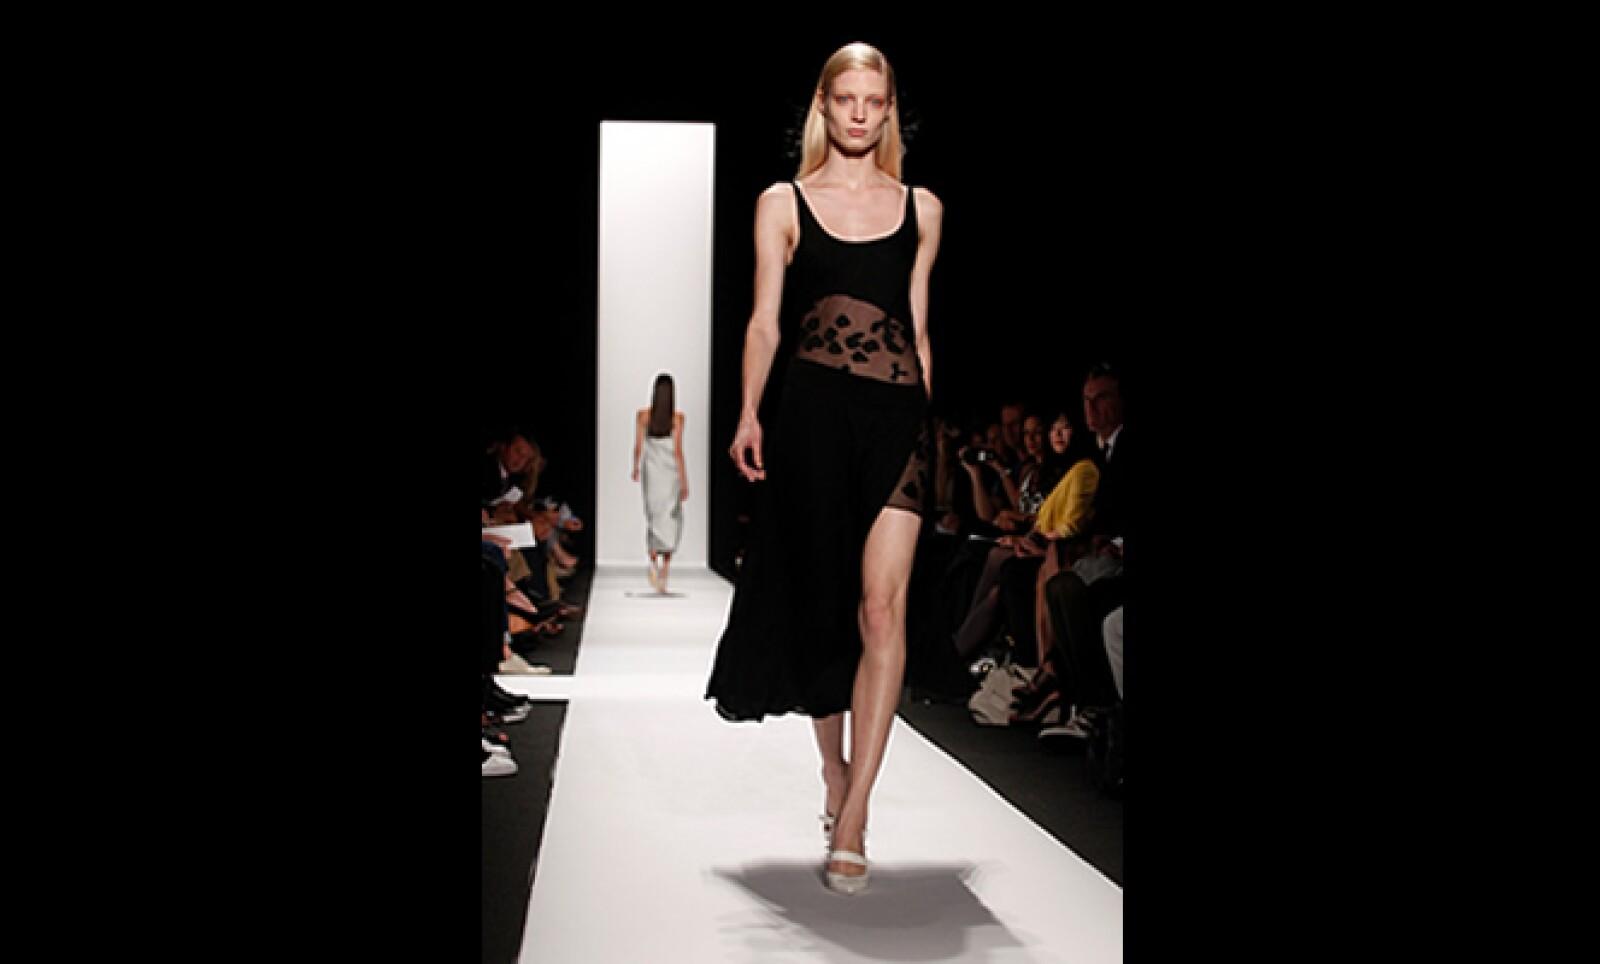 Rodríguez se ha caracterizado por su estilo arquitectónico, que siguió presente en esta línea, pero con la suavidad que en general ha dominado esta Semana de la Moda.